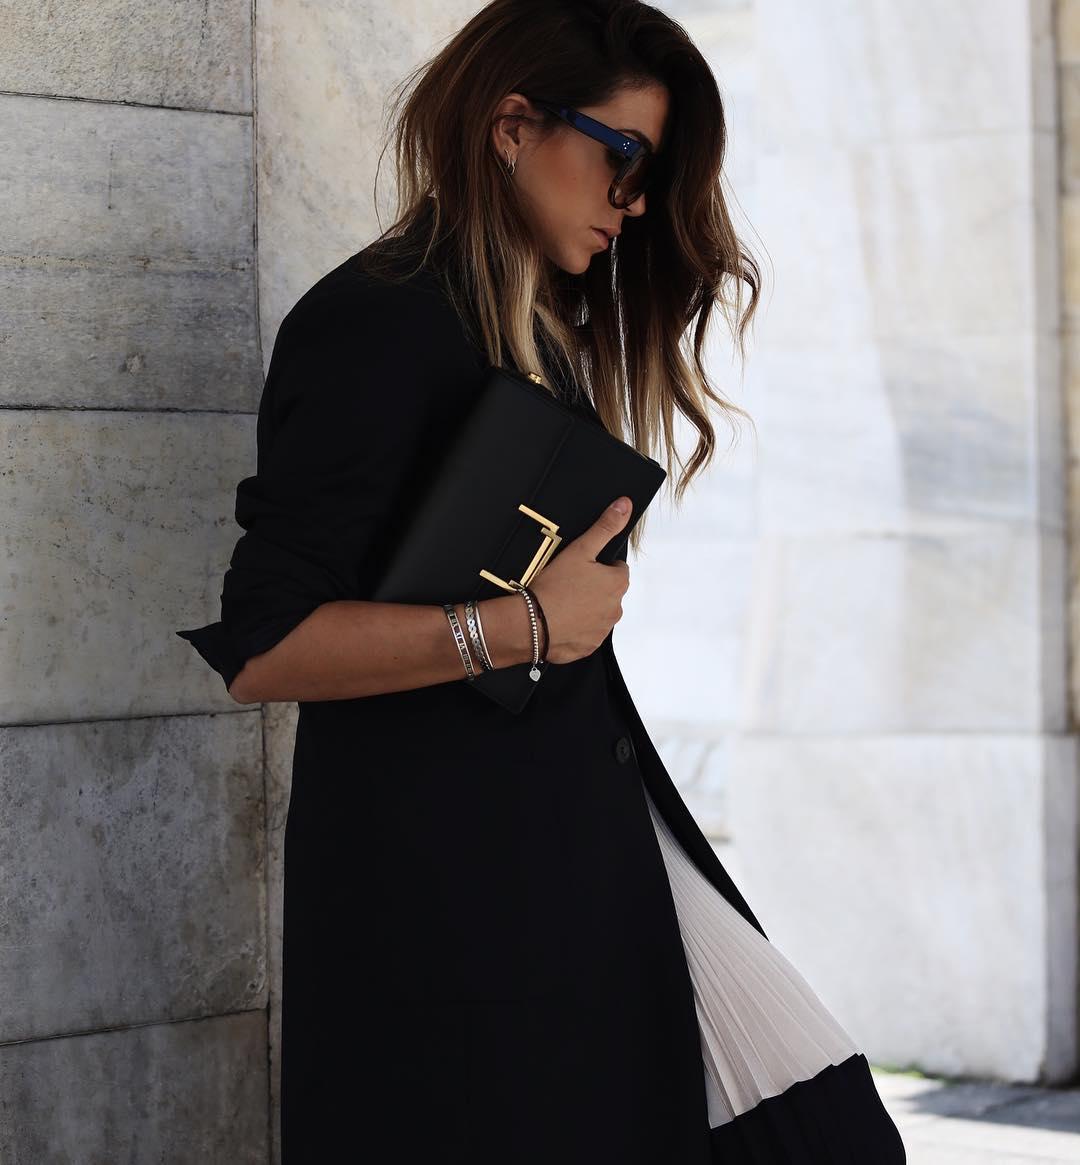 Итальянский гардероб: 8 fashion-блогеров из Италии, которые стоят подписки